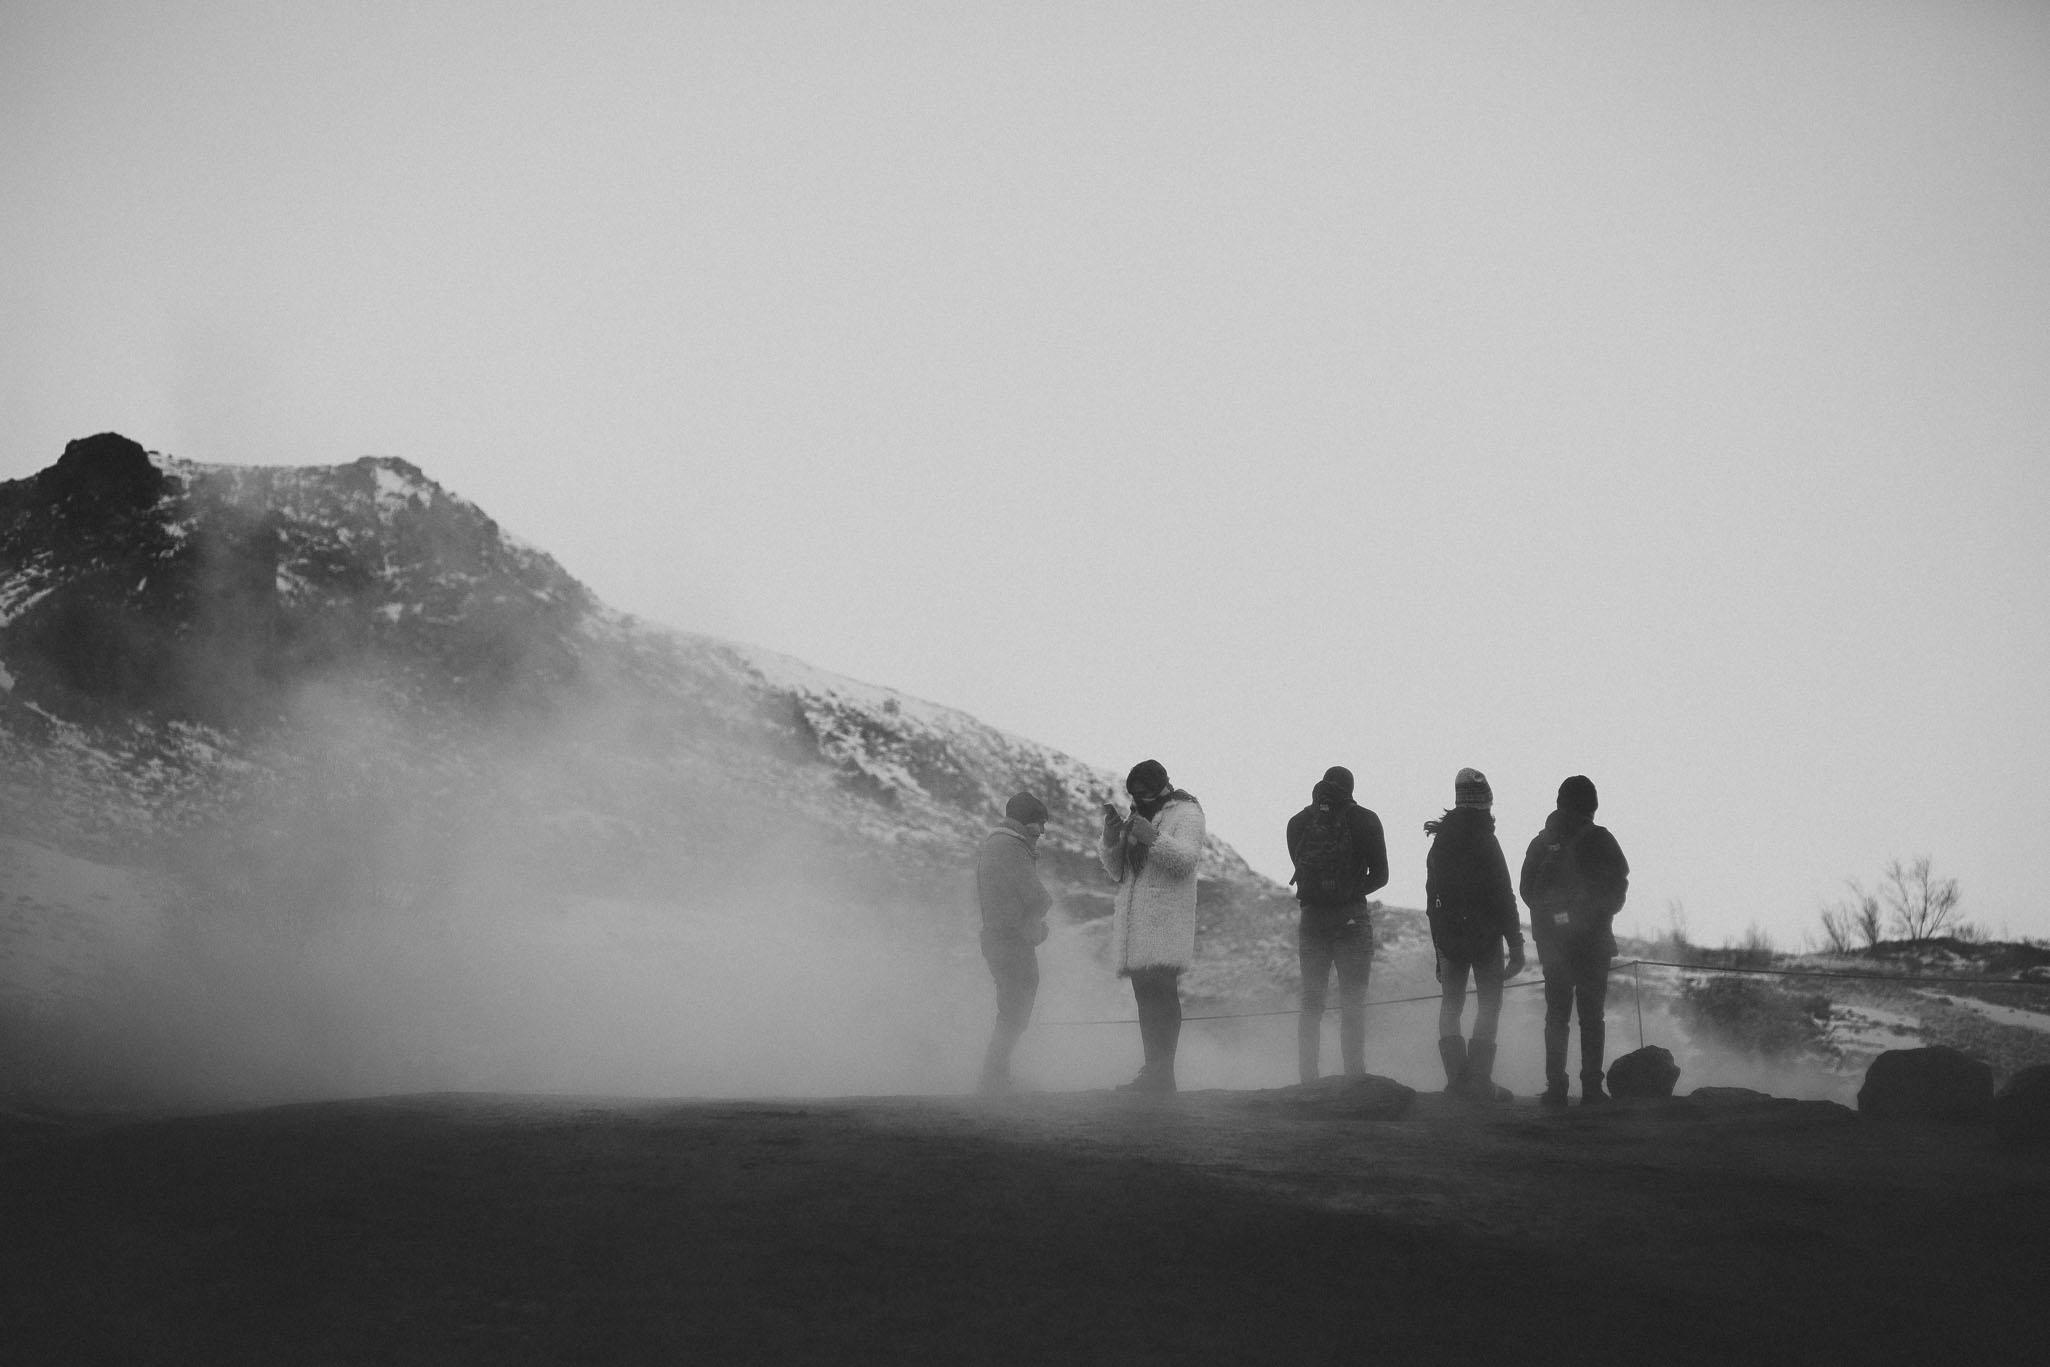 Road-trip-Islande-Iceland-Voyage-Travel-Portrait-Jérémy-Boyer-Geysir-Geysers-9.jpg